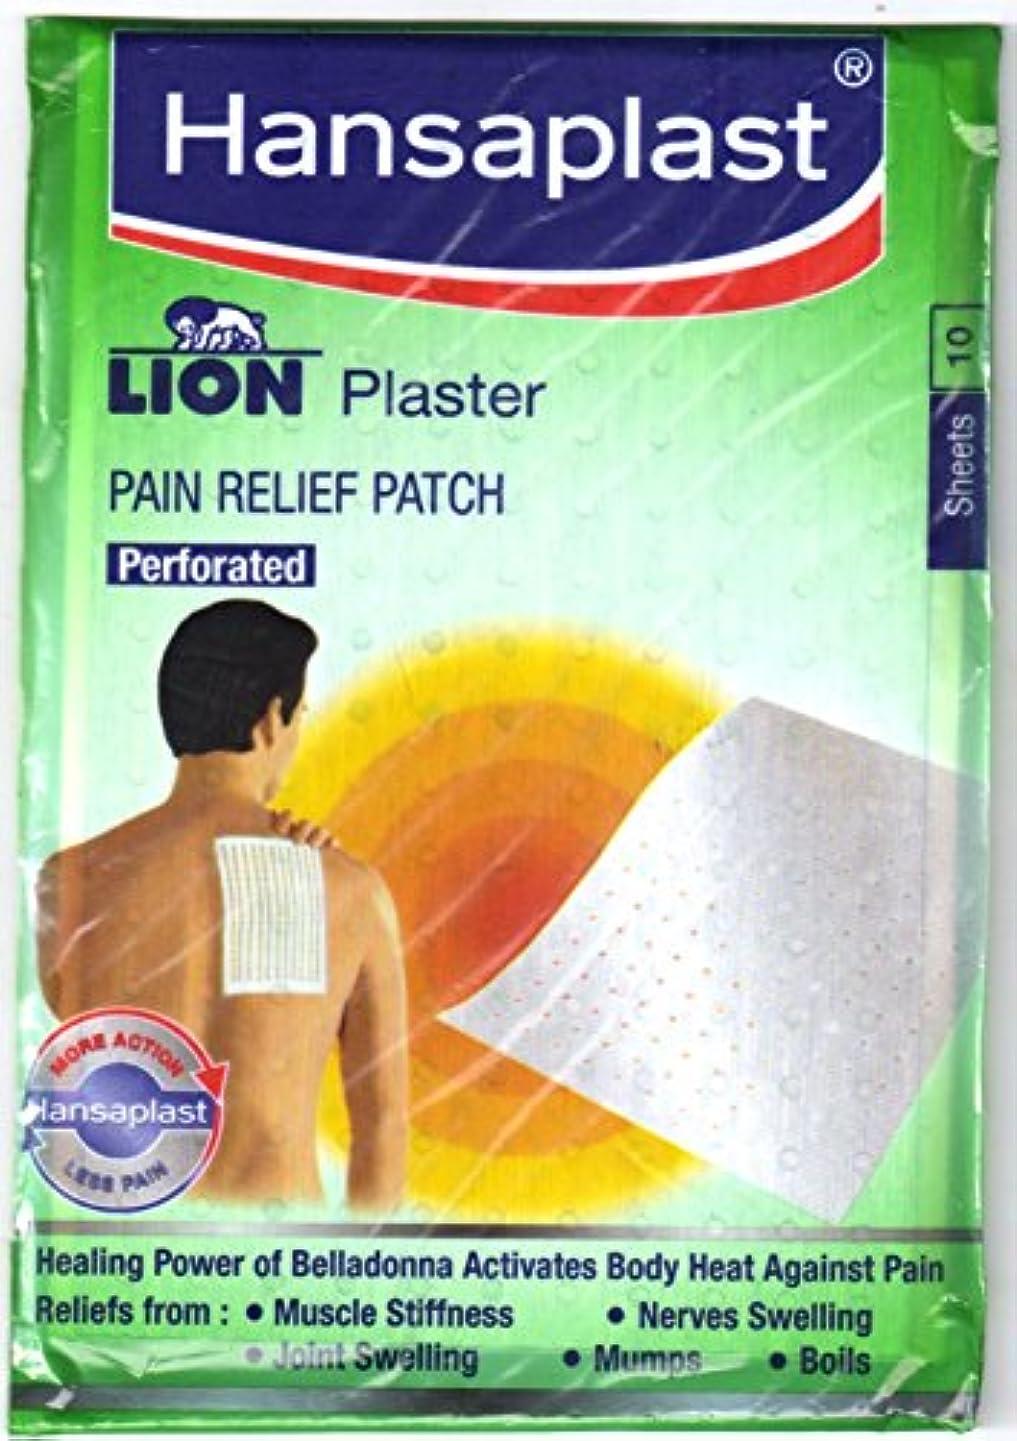 悪い輸血レッスンHansaplast Lion plaster (Belladonna) 5 pack of 50 Sheets Pain Relief Patch